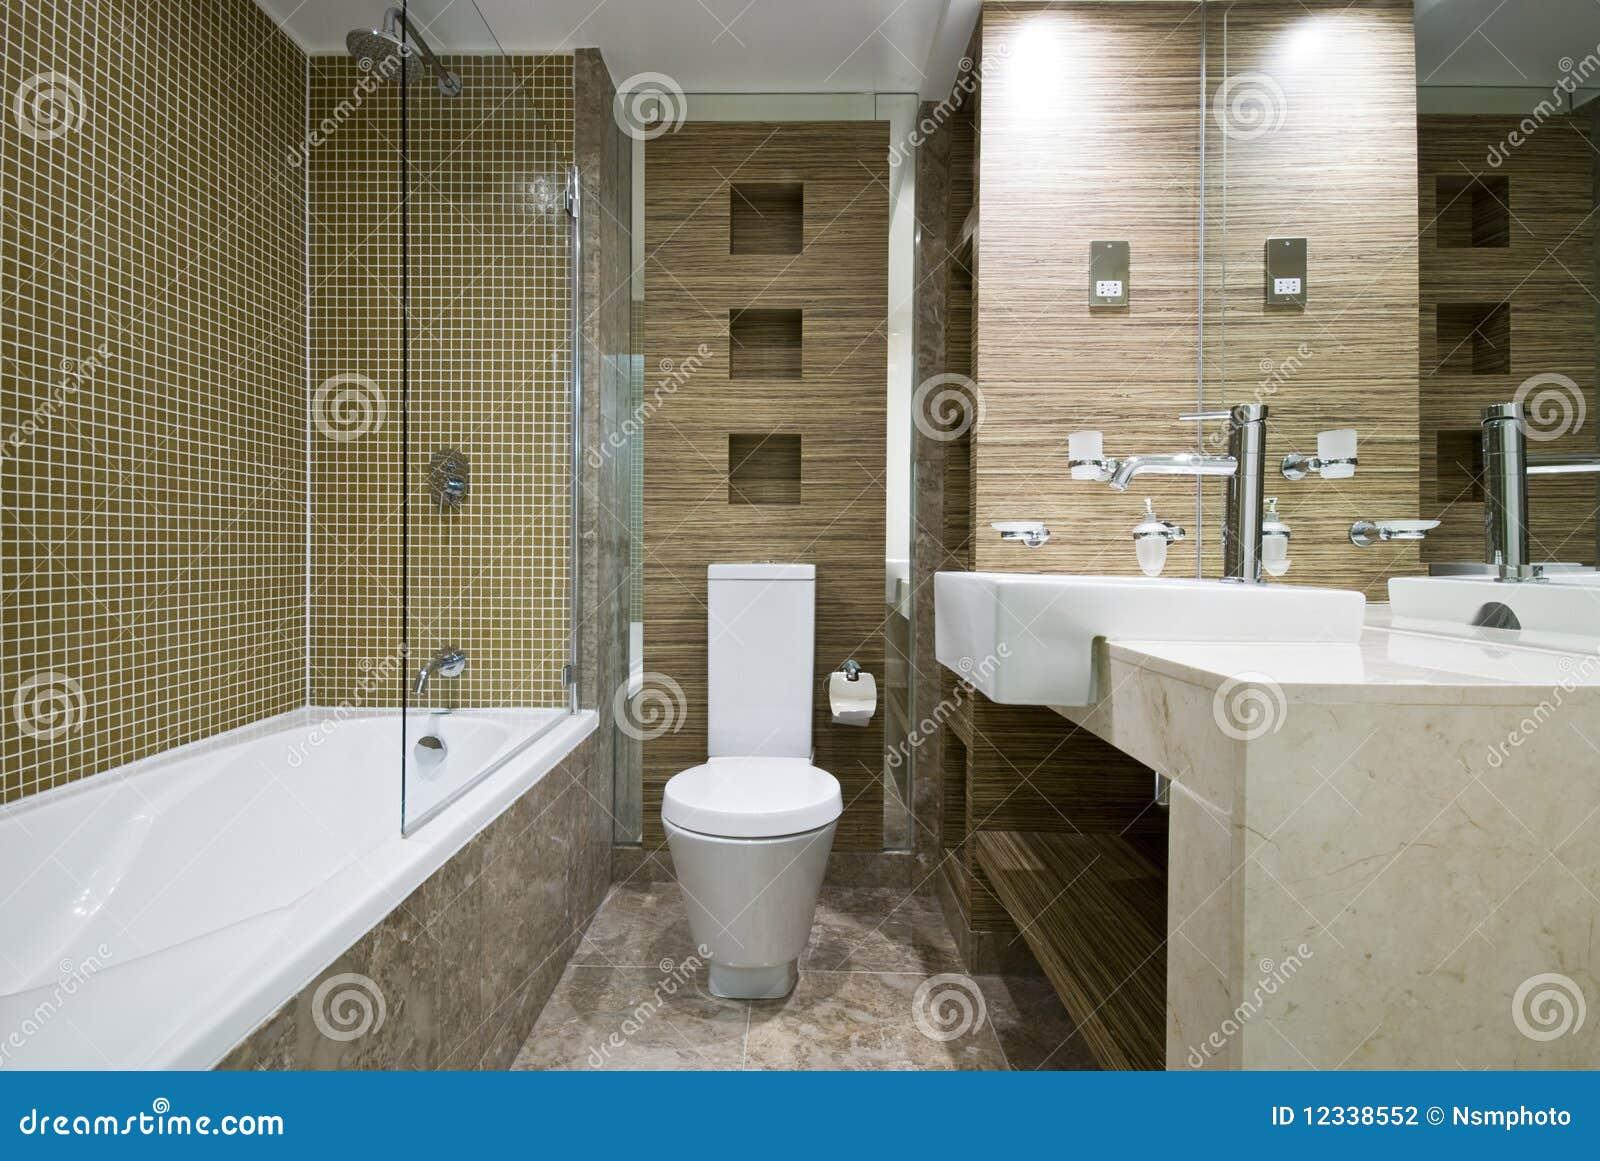 Moderne badkamers met marmeren vloer stock foto afbeelding 12338552 - Moderne badkamer betegelde vloer ...